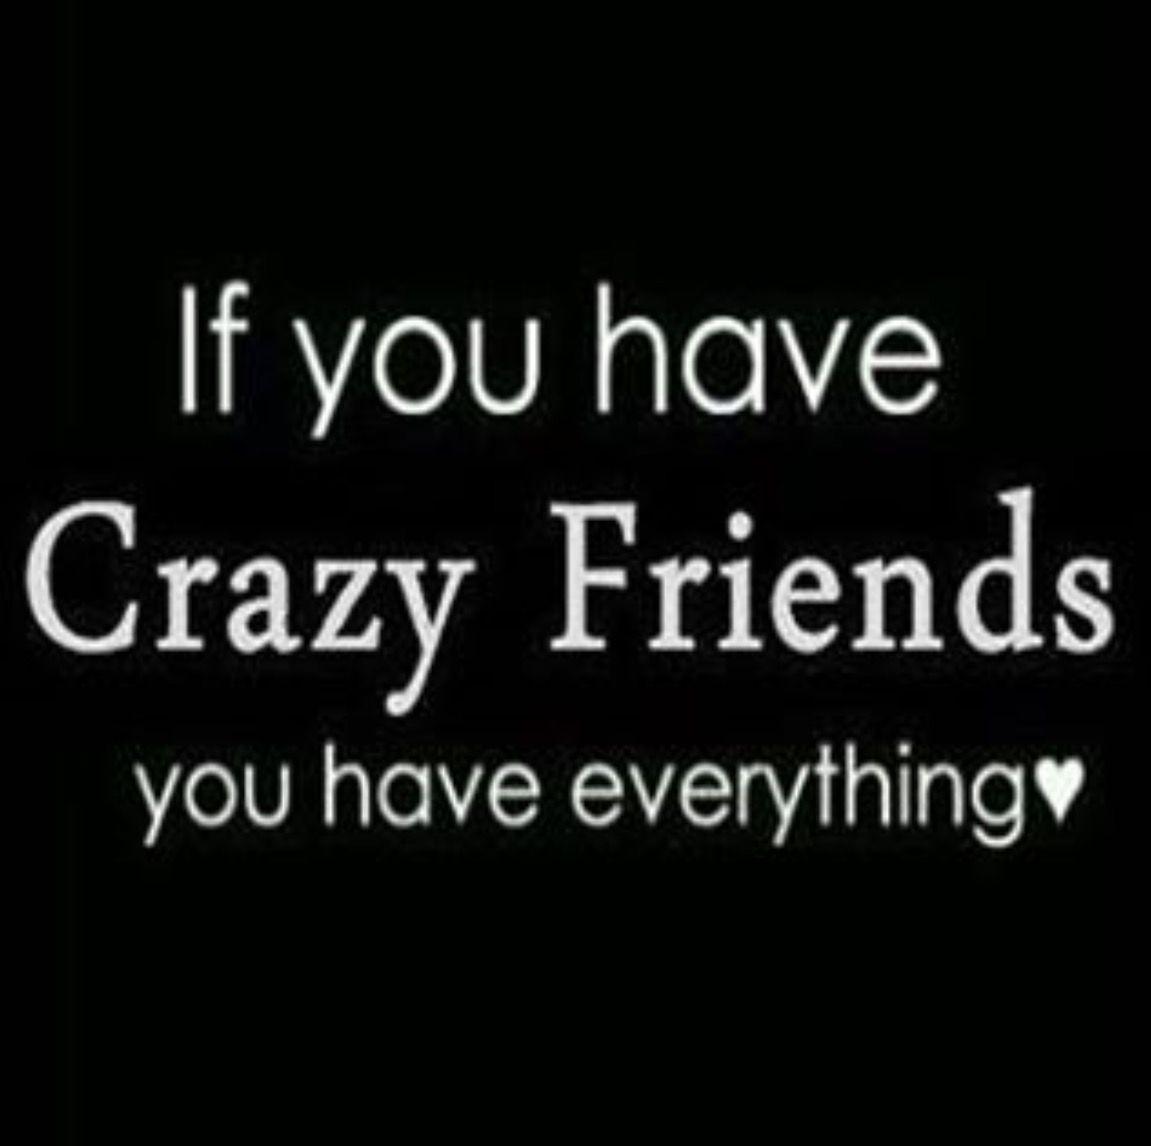 crazy friends quotes crazy friends friendship quotes